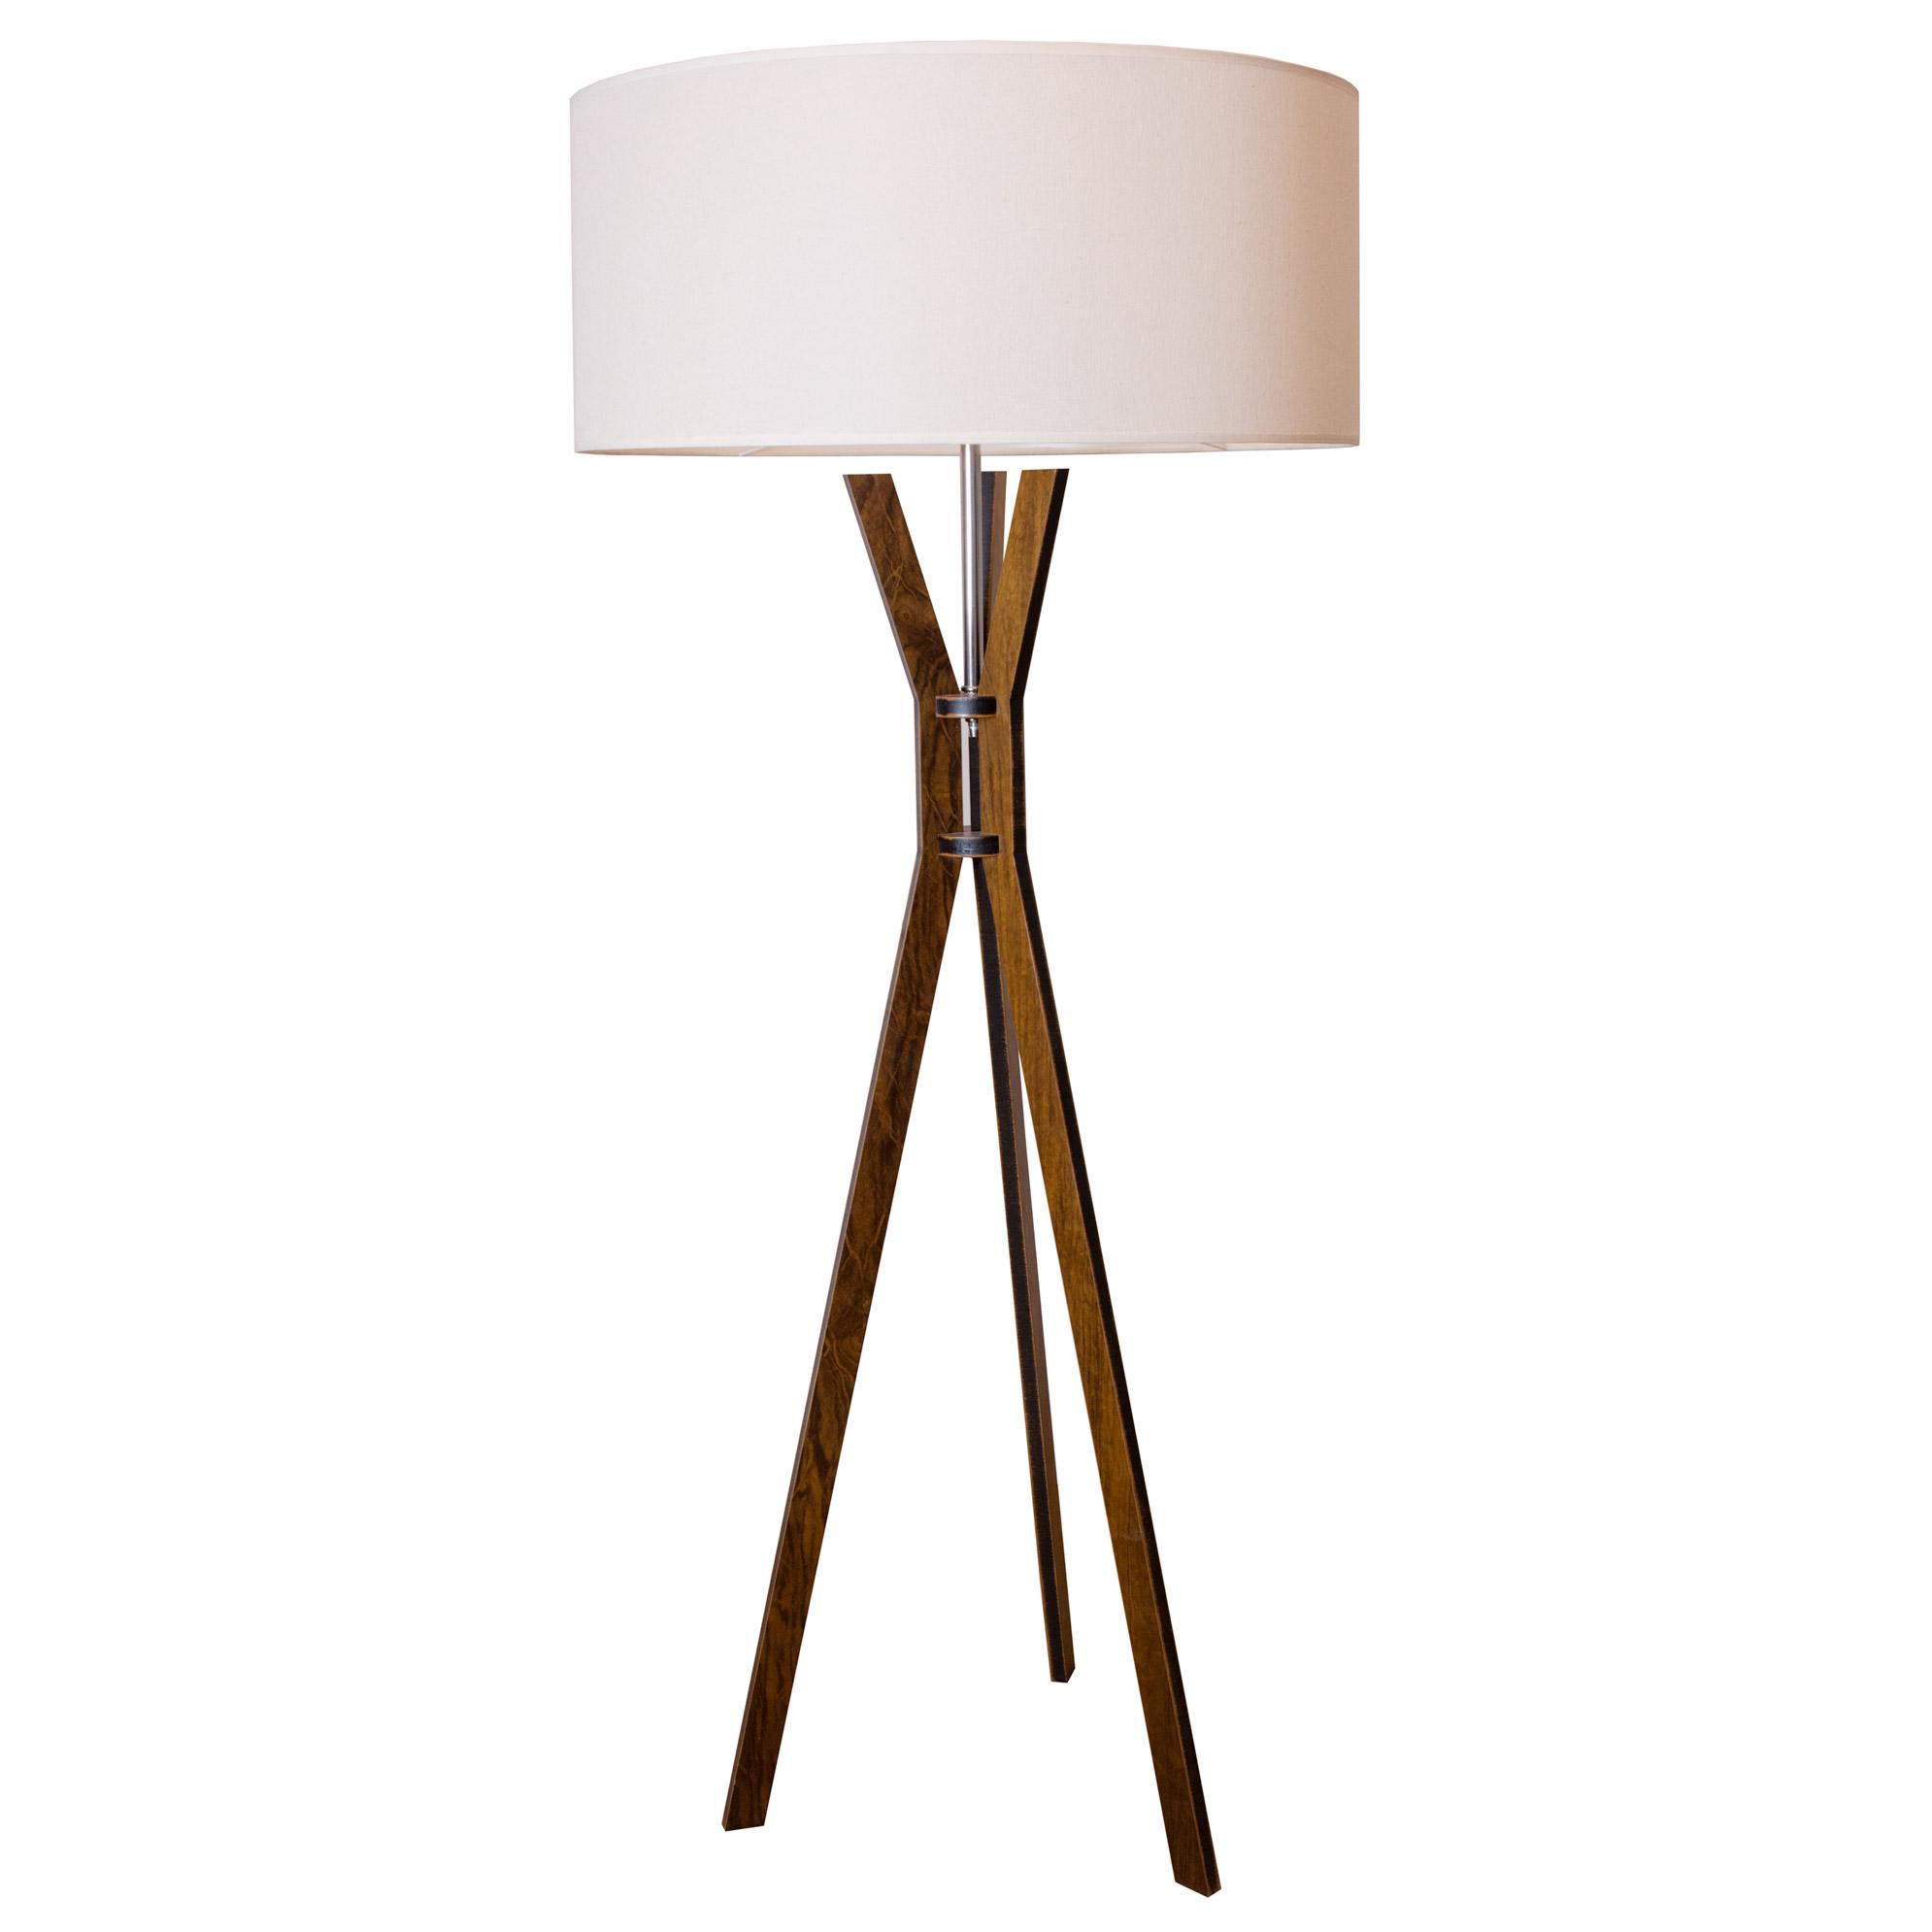 Tripod summit column floor lamp by lightology collection lc ac tripod summit column floor lamp by lightology collection lc ac 3003s 18 aloadofball Images